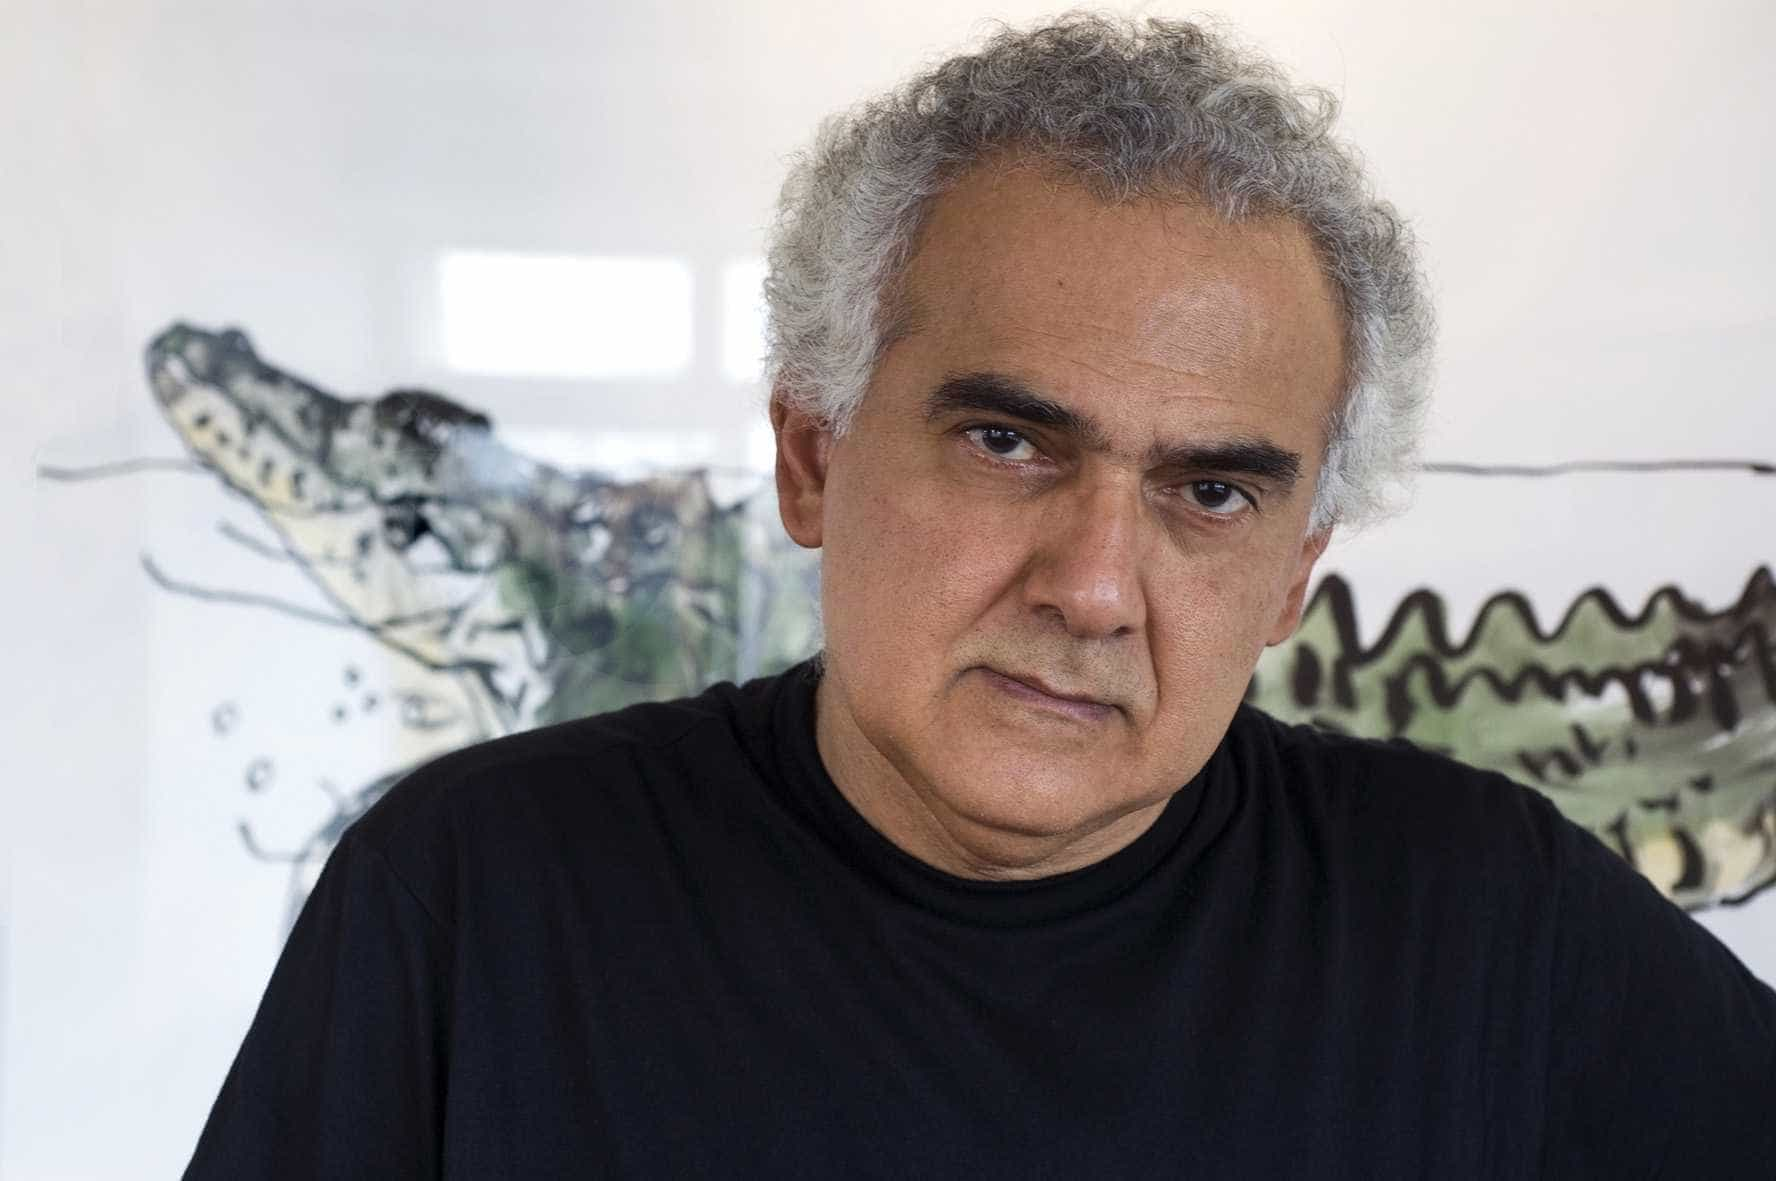 Prêmio literário Oceanos divulga lista de autores em sua semifinal